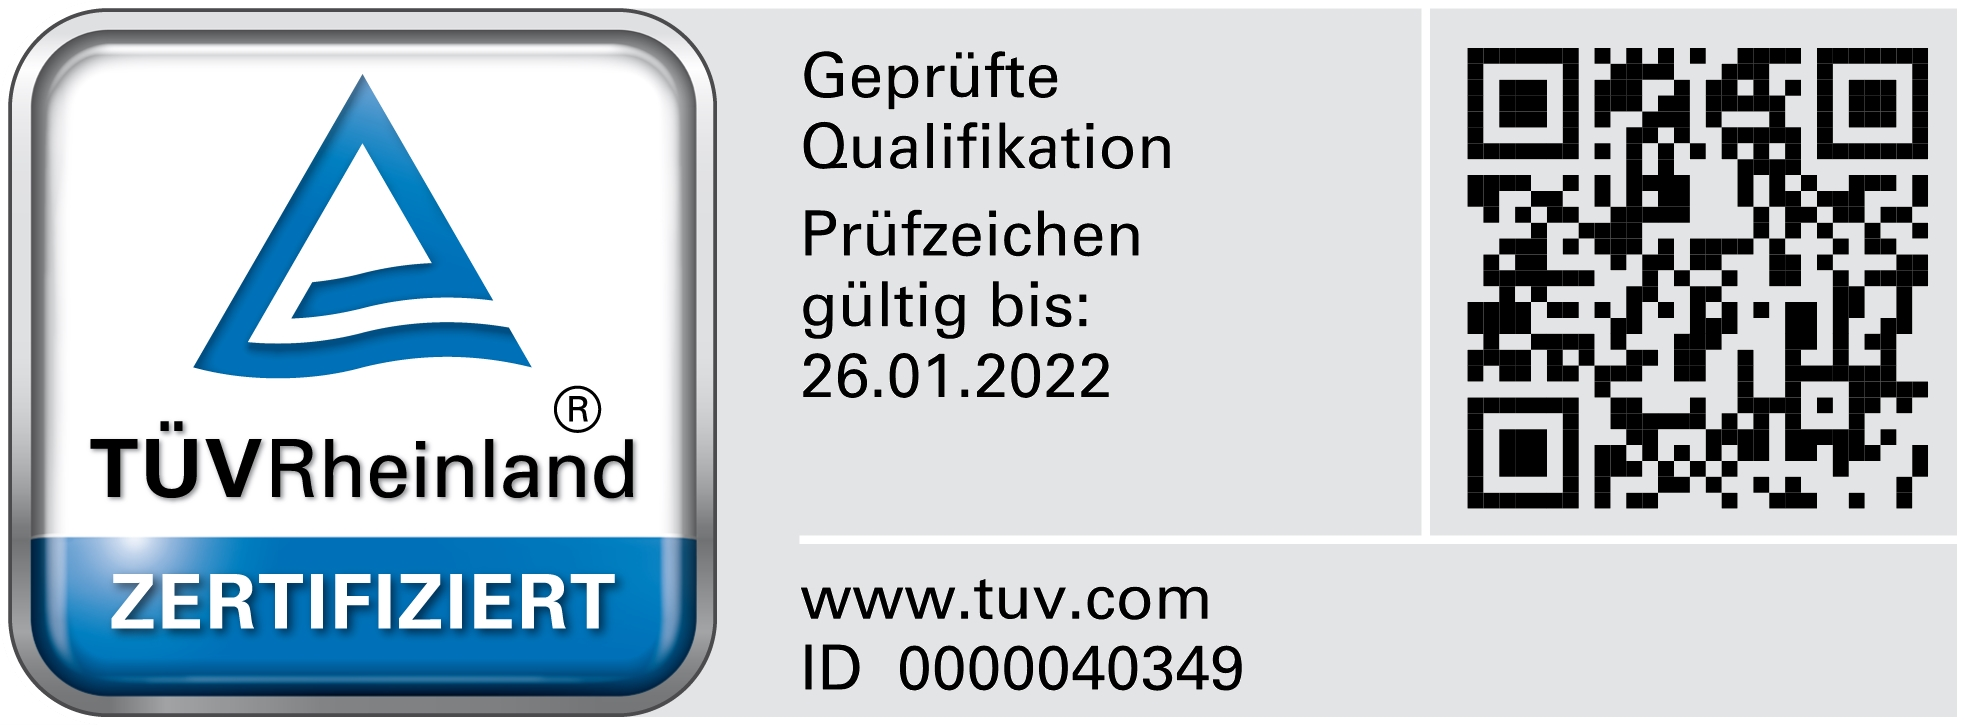 TR-Testmark_0000040349_DE_CMYK_with-QR-Code